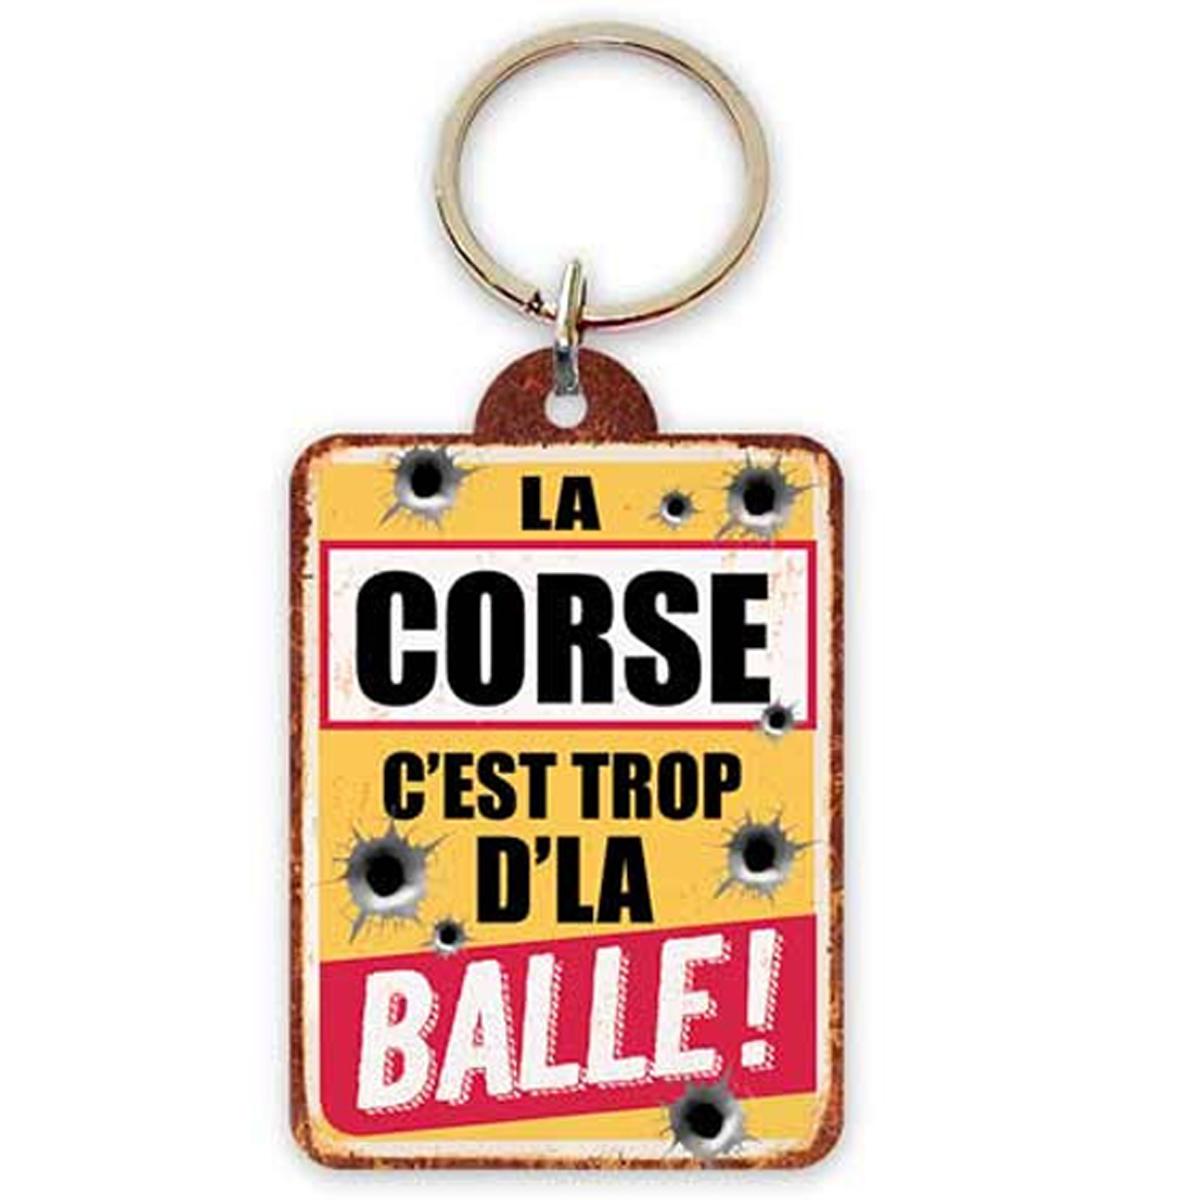 Porte-Clés \'Corsica\' (la Corse c\'est trop d\'la Balle !) - 65x45 cm - [R2306]